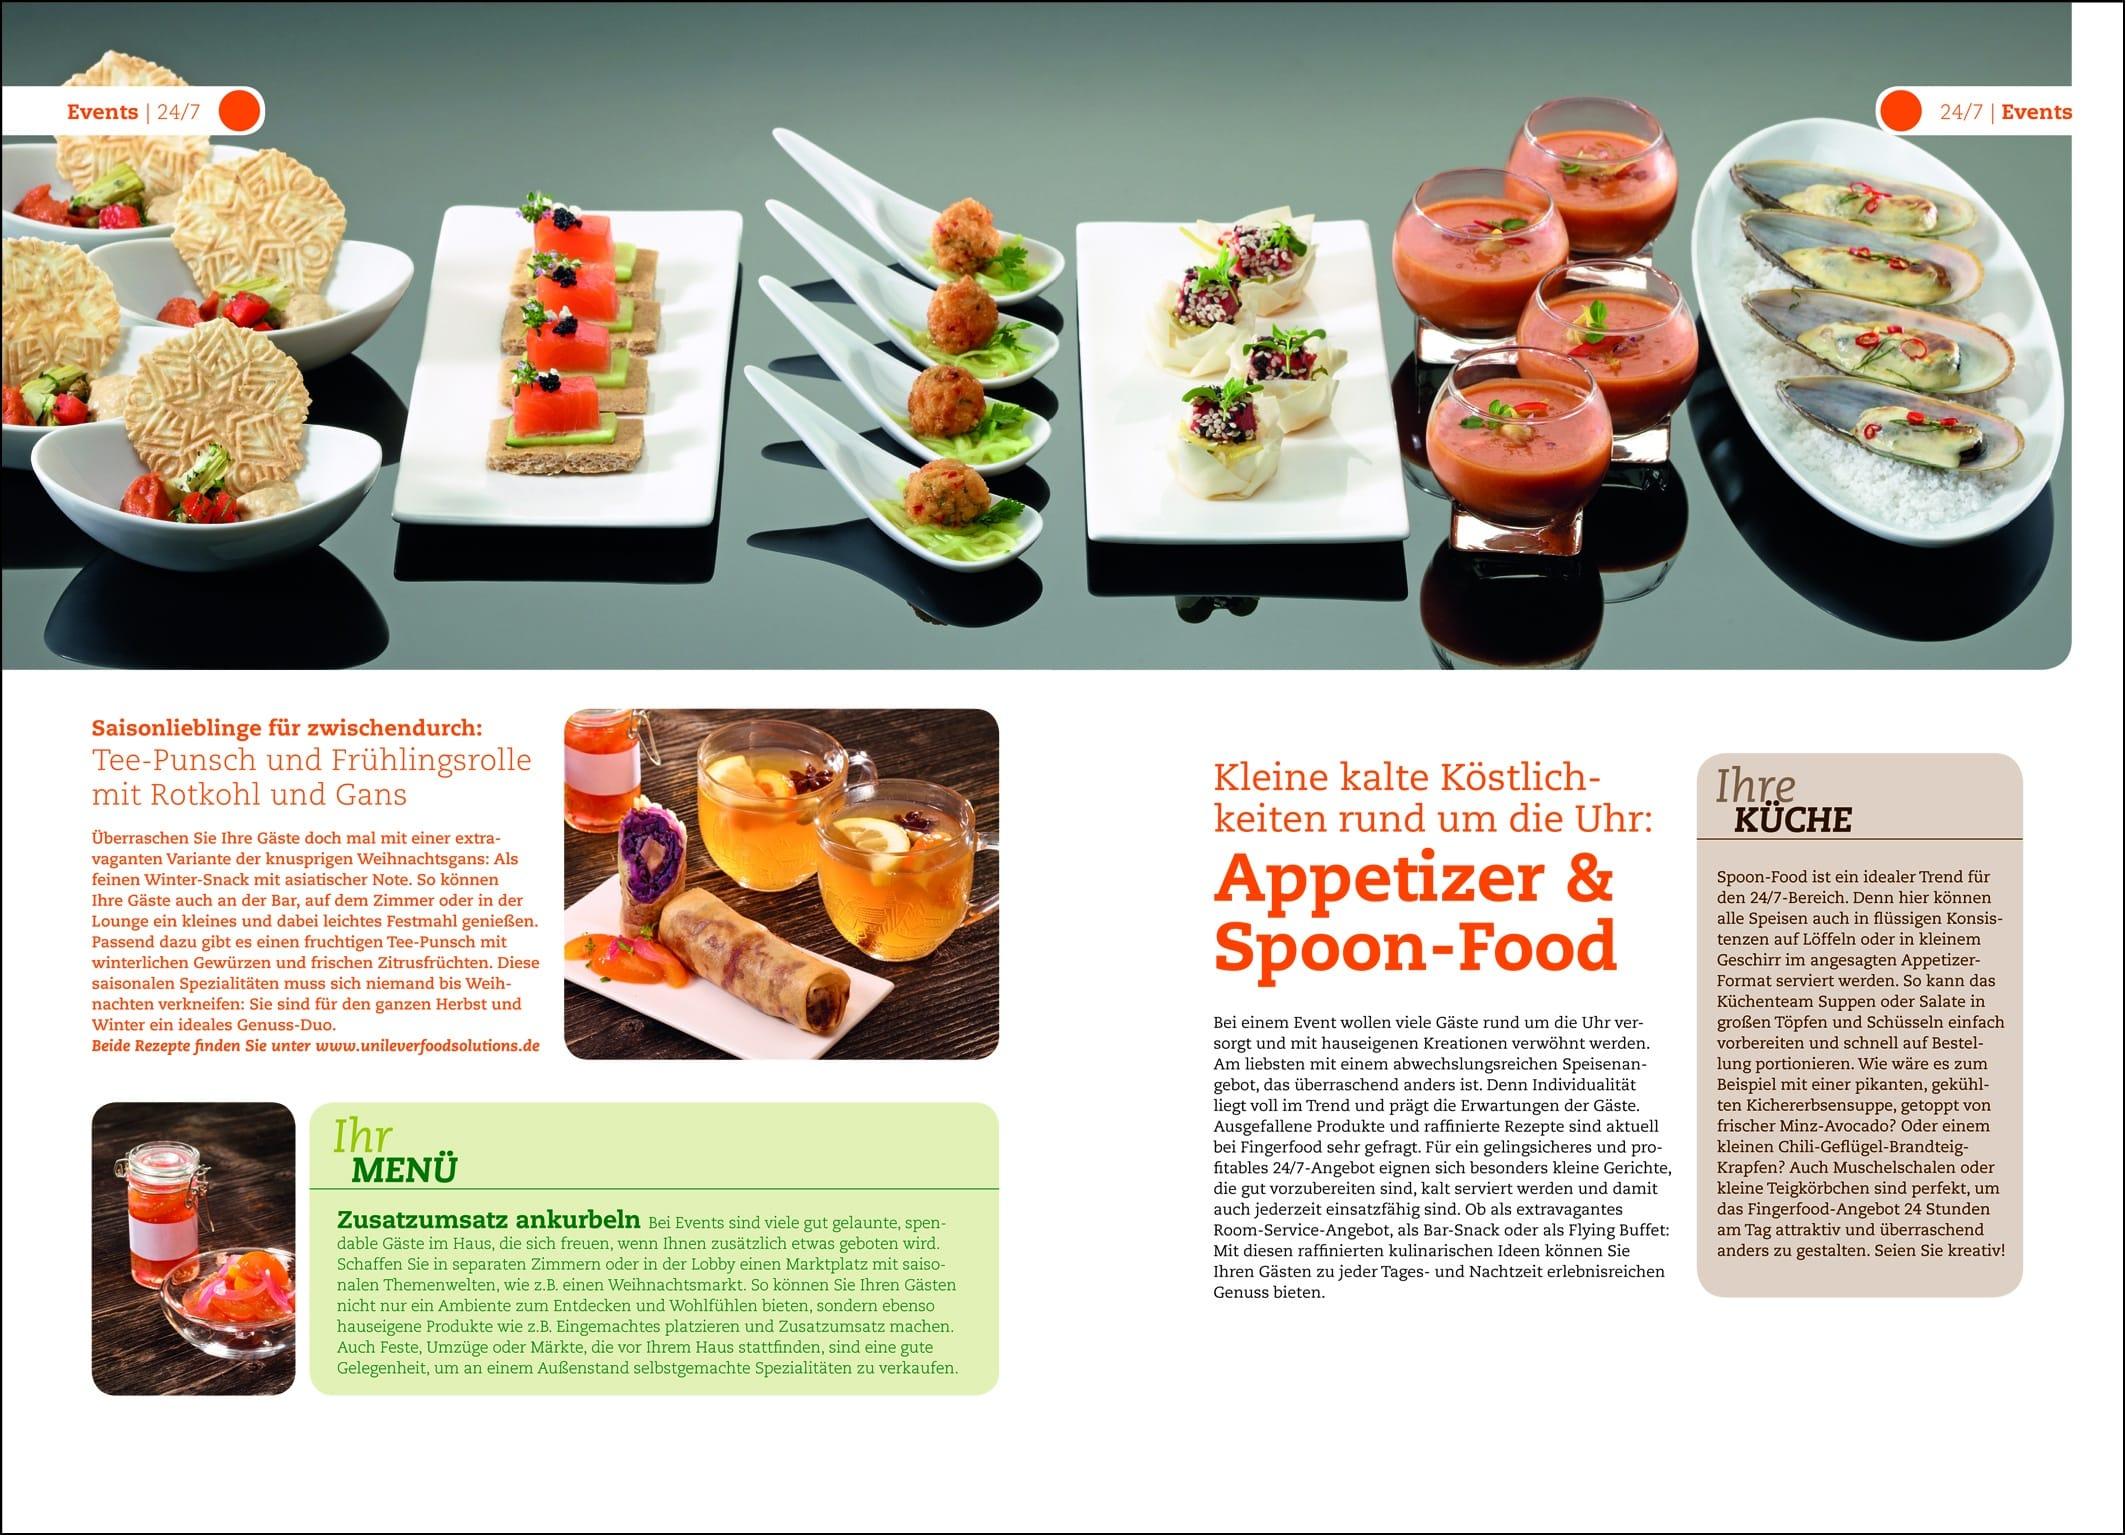 Gastronomie Guide Themen-Magazin: Events erfolgreich meistern